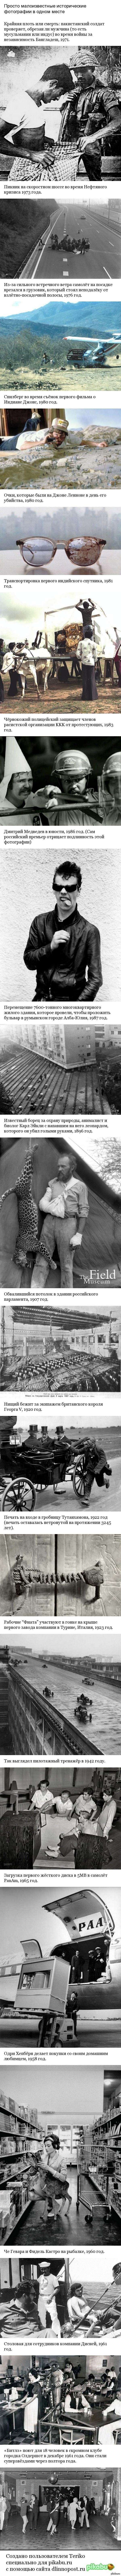 Малоизвестные исторические фотографии в одном месте. Часть 1